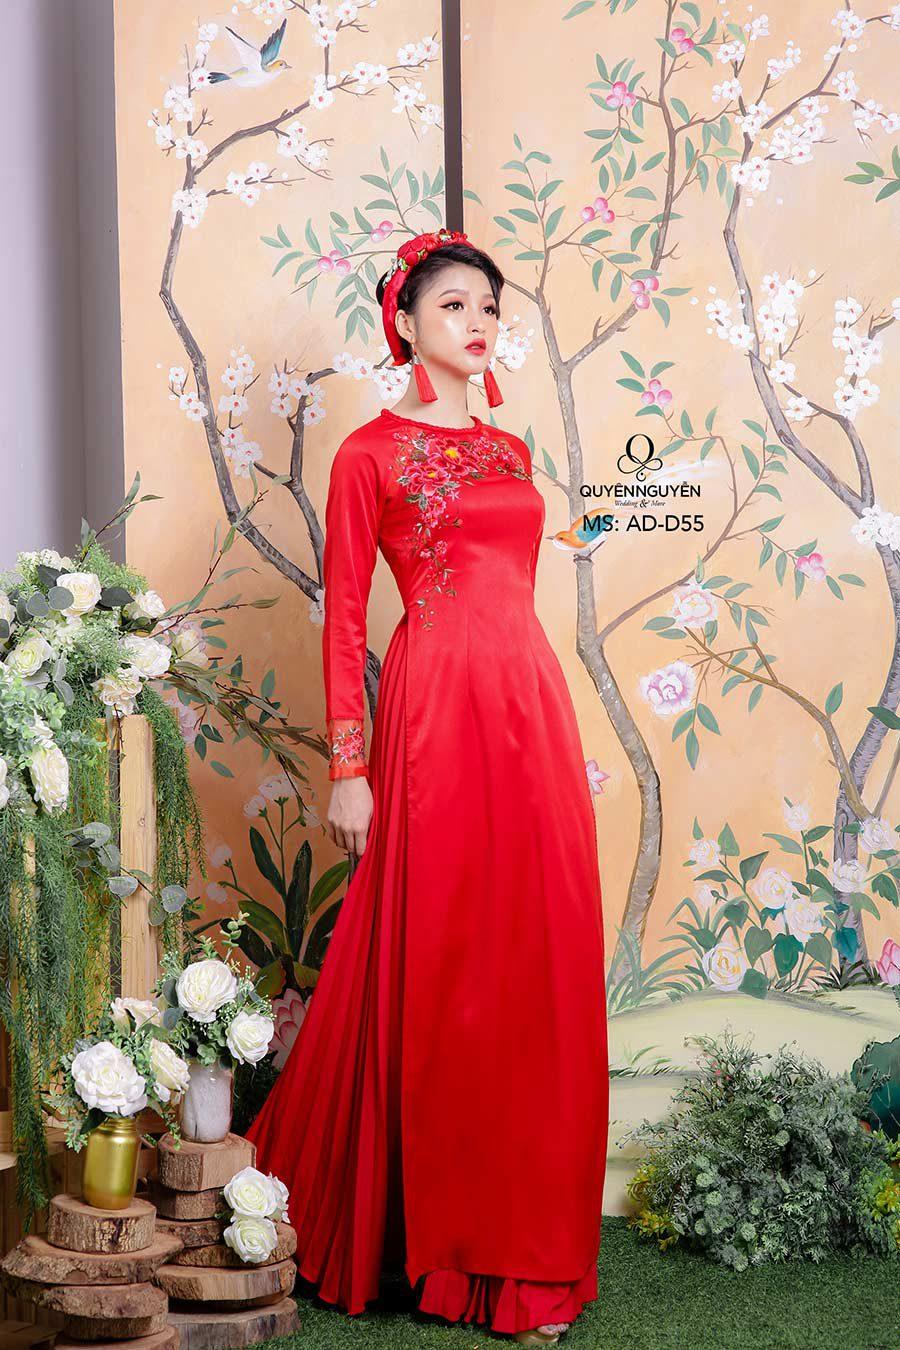 10 mẫu áo dài cưới lụa đỏ truyền thống cho lễ thành hôn